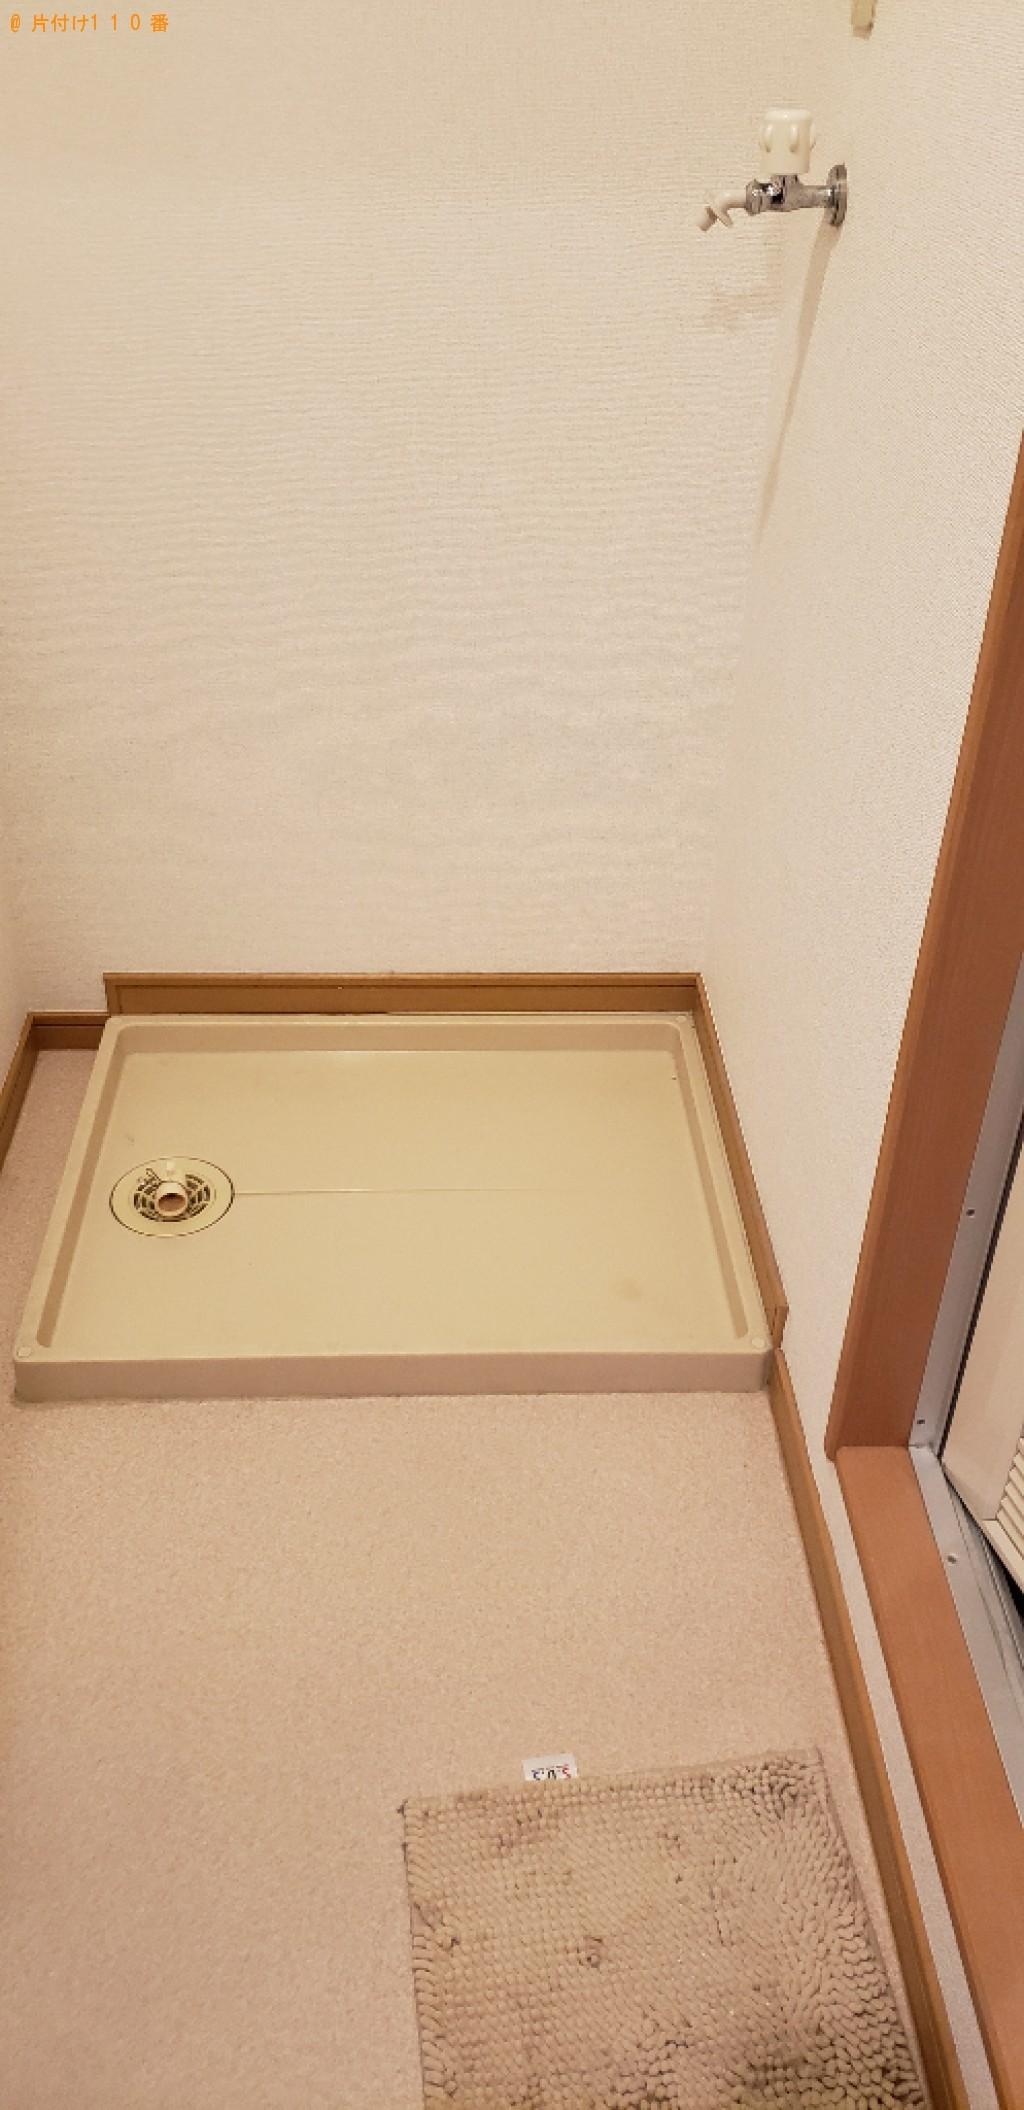 【下関市】洗濯機の回収・処分ご依頼 お客様の声